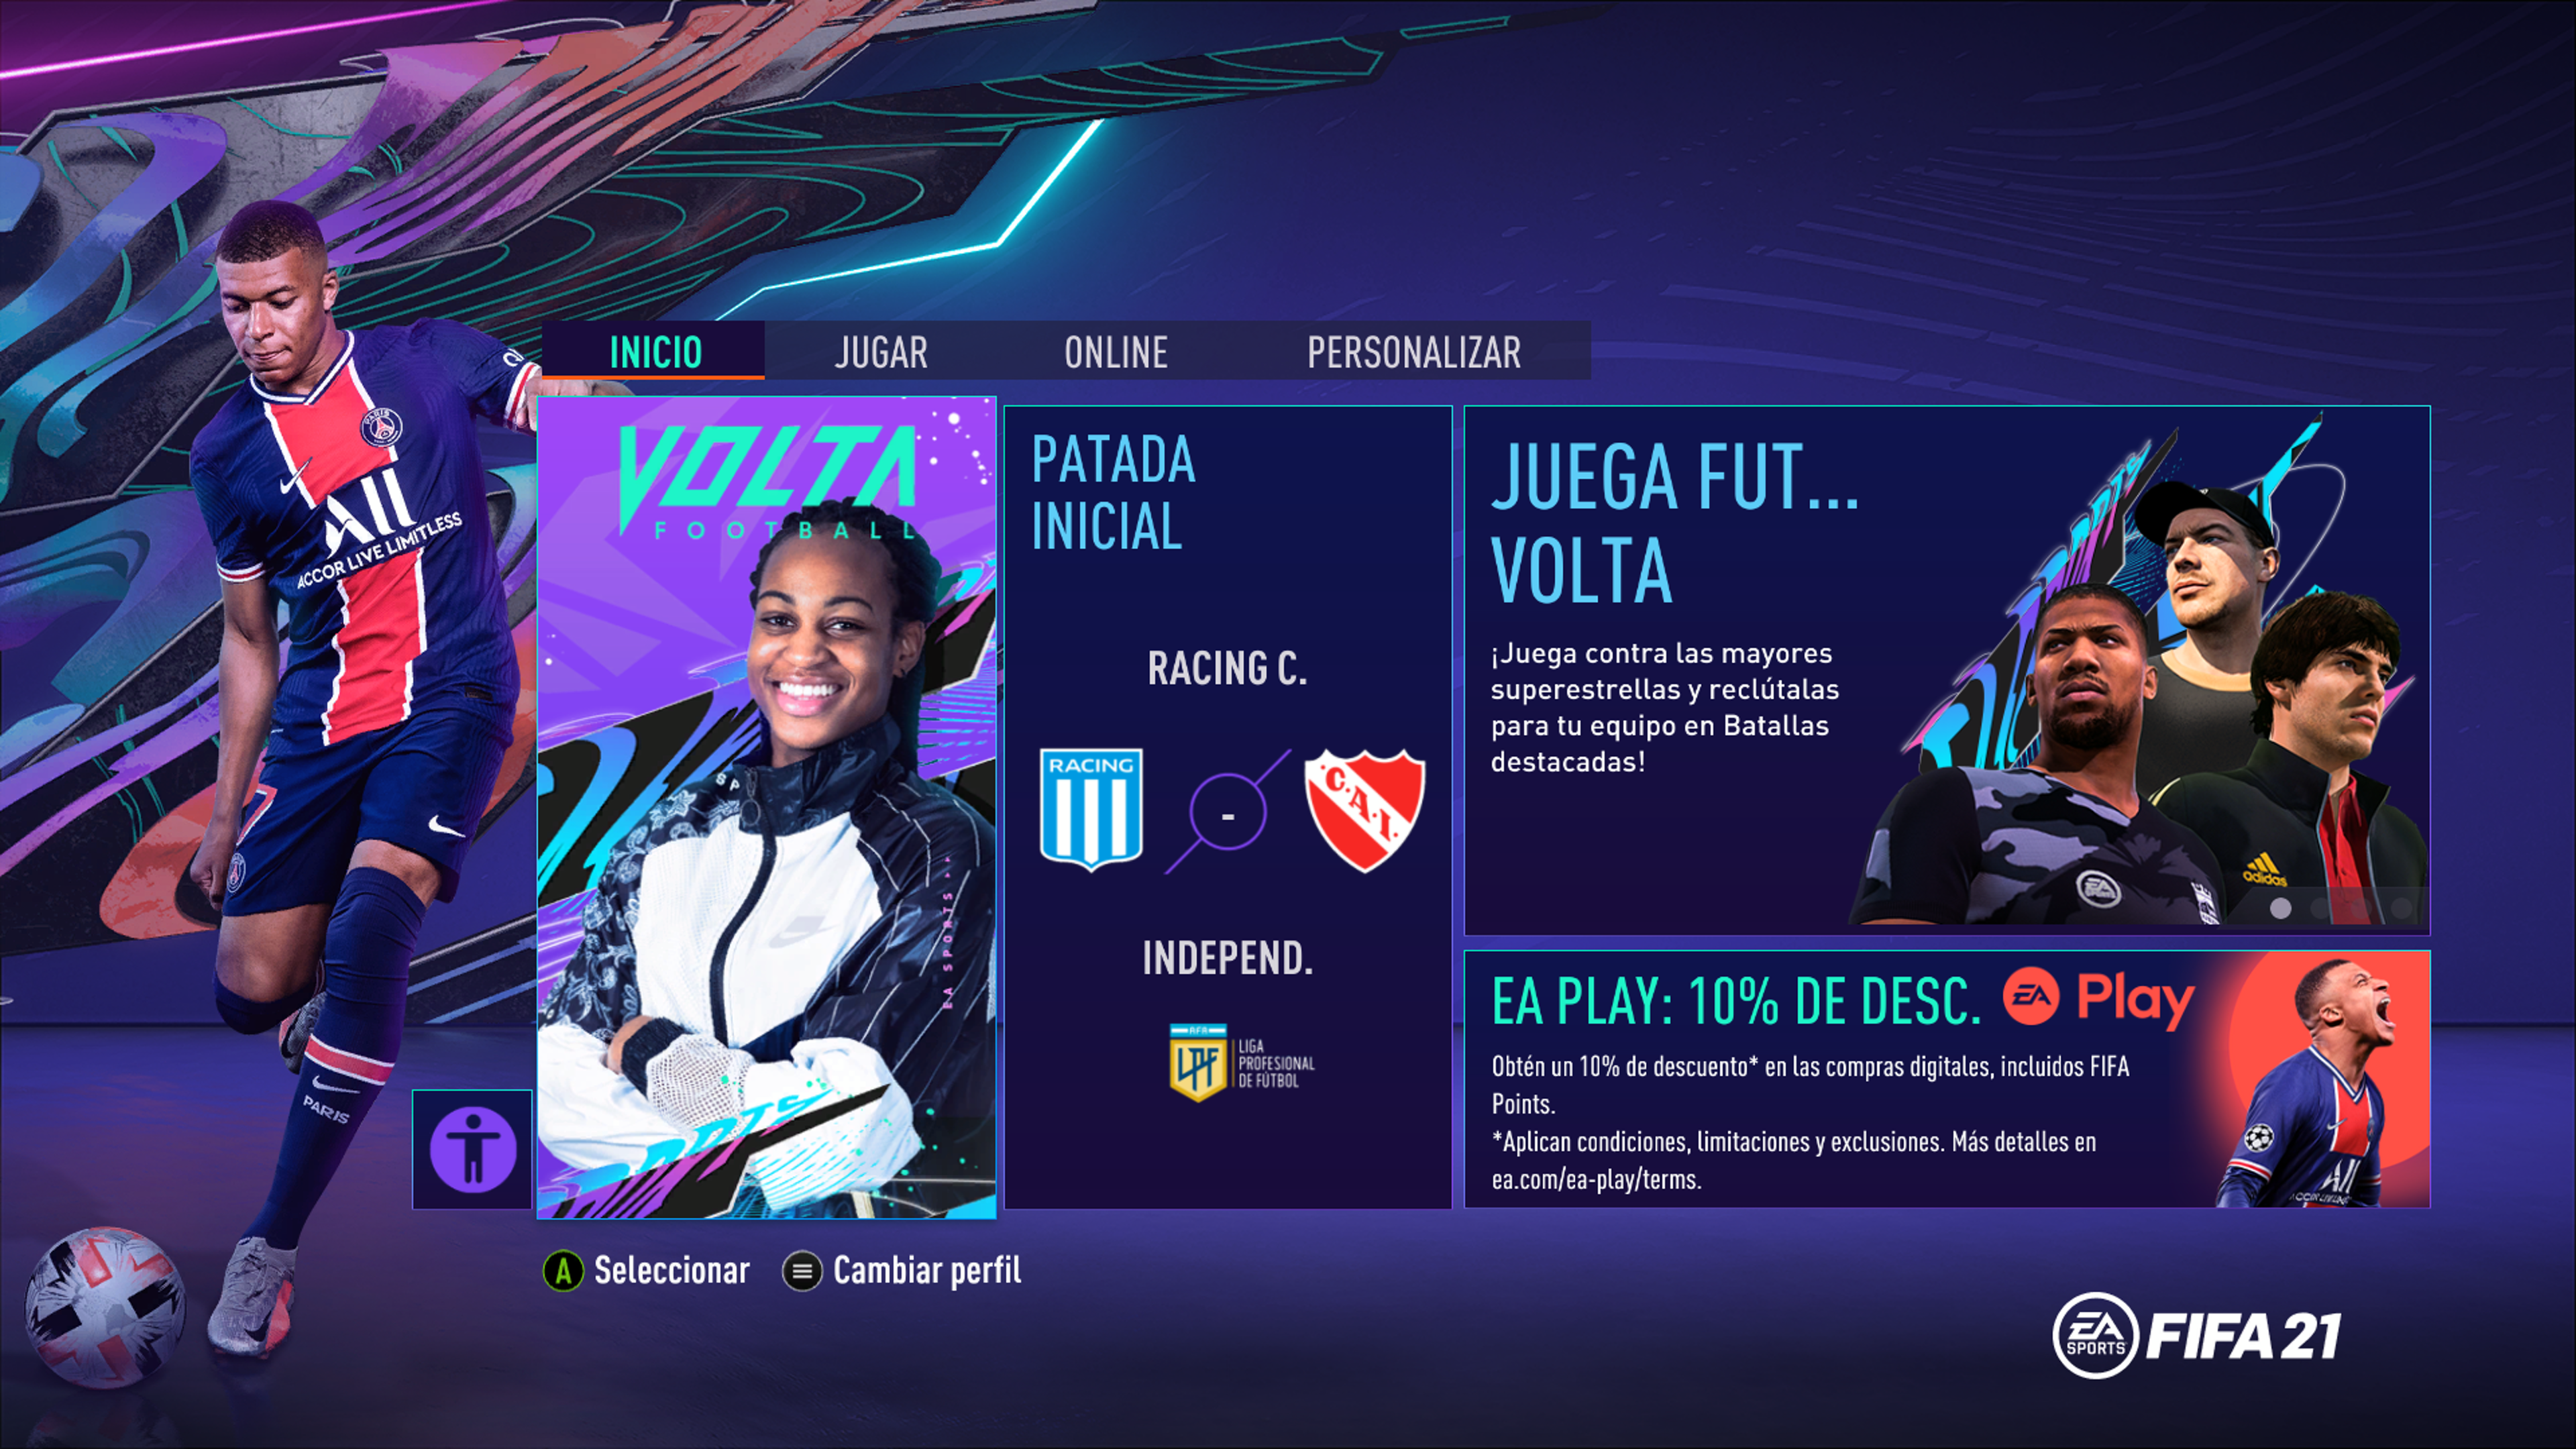 0hldem2s4z_FIFA 21 2020-11-02 21-41-00.png